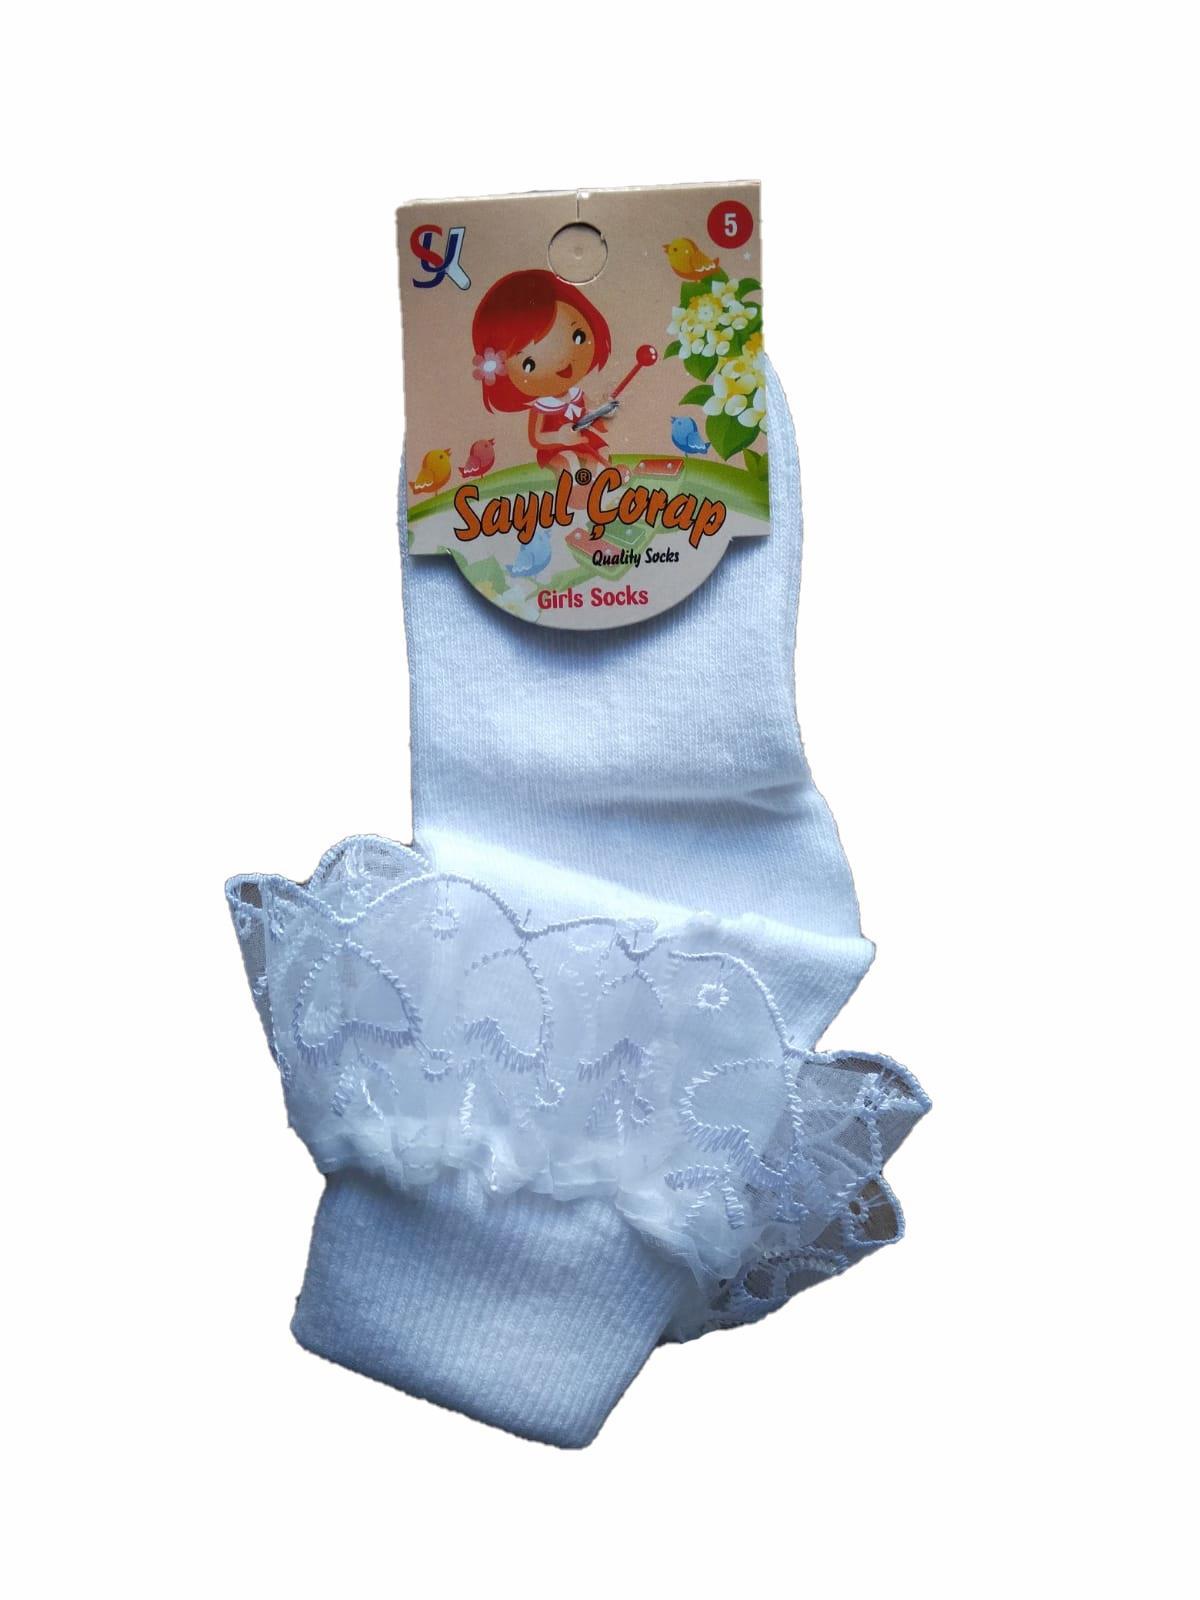 Sayıl Kız Çocuk Tüllü Beyaz Çorap Dantell, Kız Çocuk Çorap